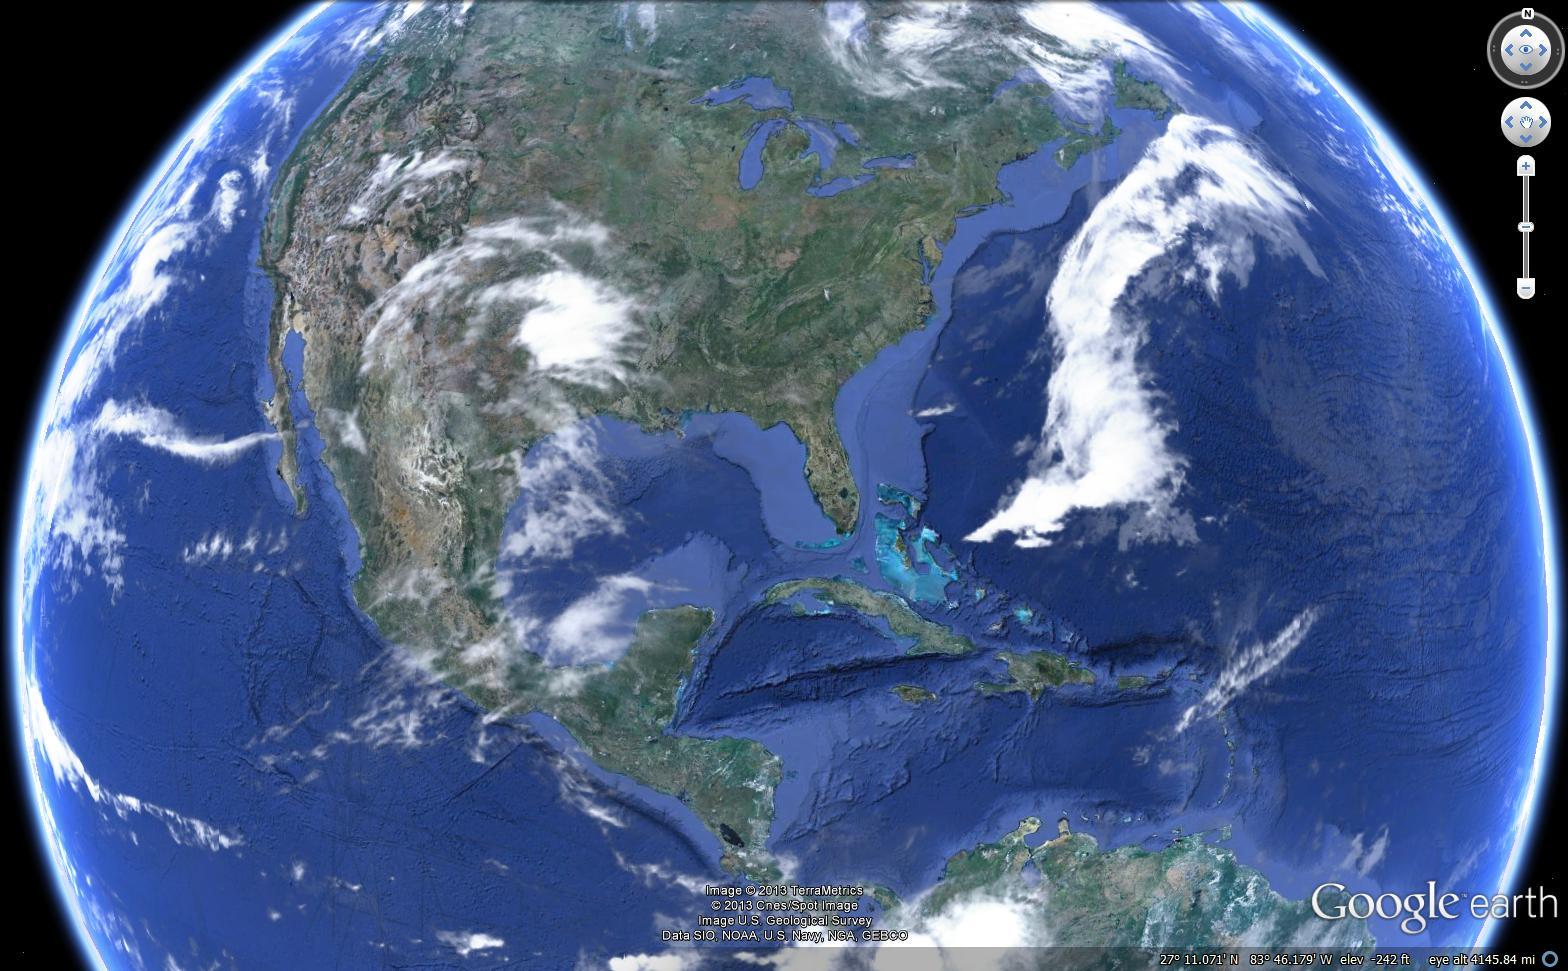 La aplicación está disponible en el sitio web de Google Earth, aunque aún no está integrada a la plataforma.